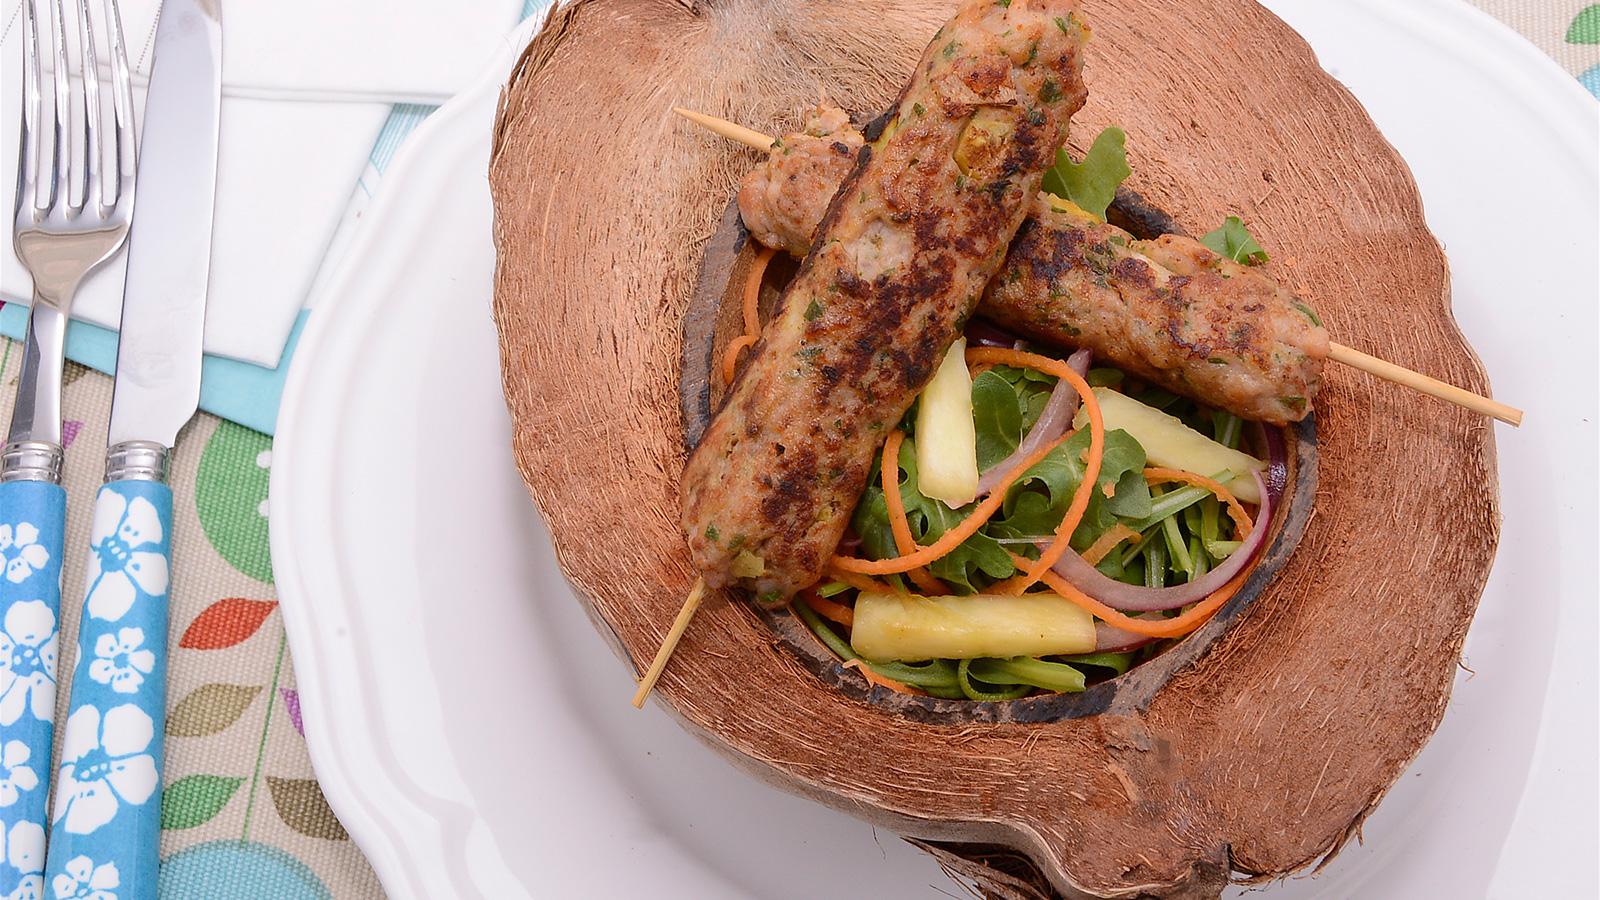 Brocheta de pollo con pi a y coco diana cabrera receta for Diana cabrera canal cocina